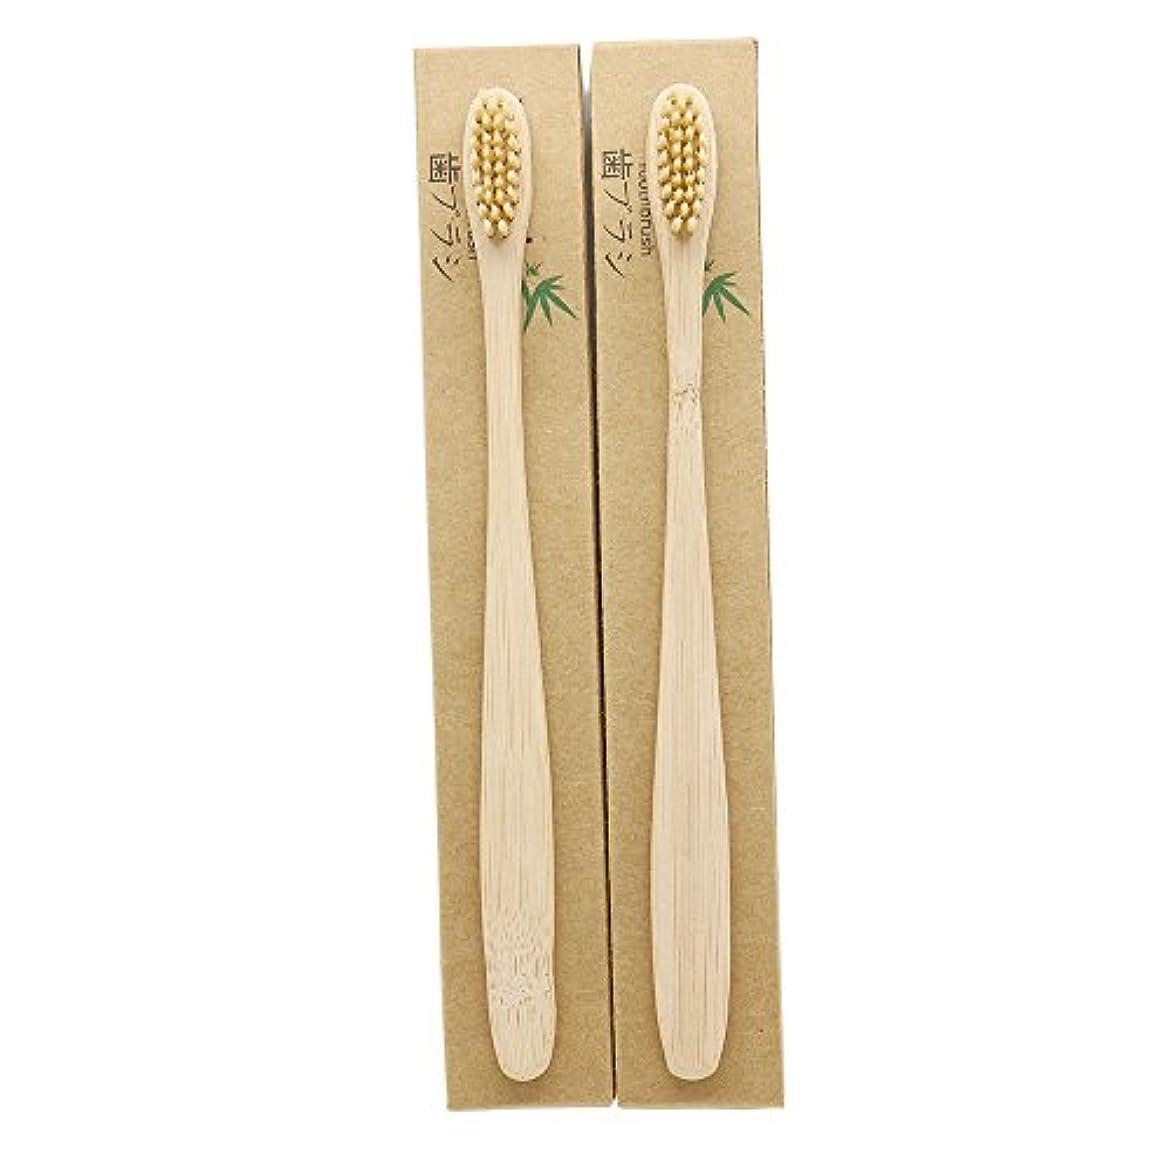 申請中商標役員N-amboo 竹製耐久度高い 歯ブラシ 2本入り セット エコ ヘッド小さい クリ—ム色